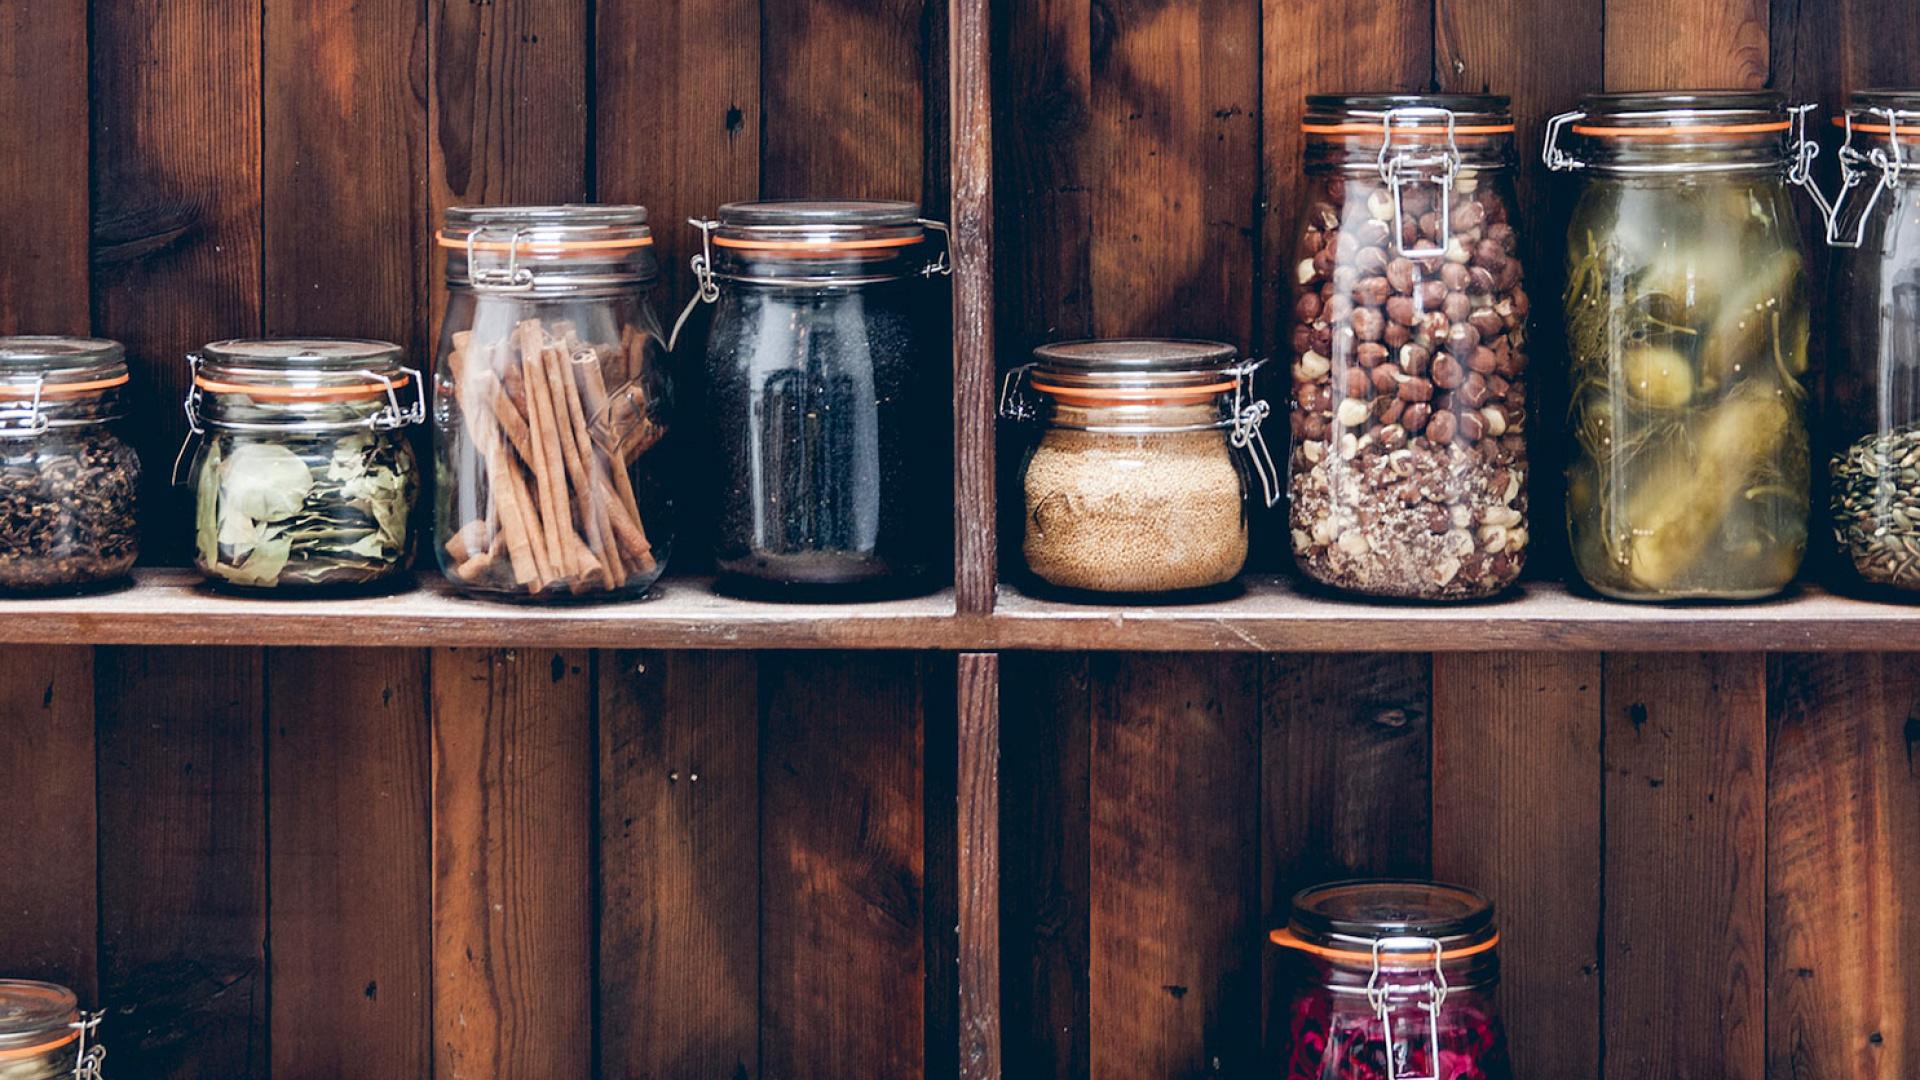 Jars of pickles at Rok